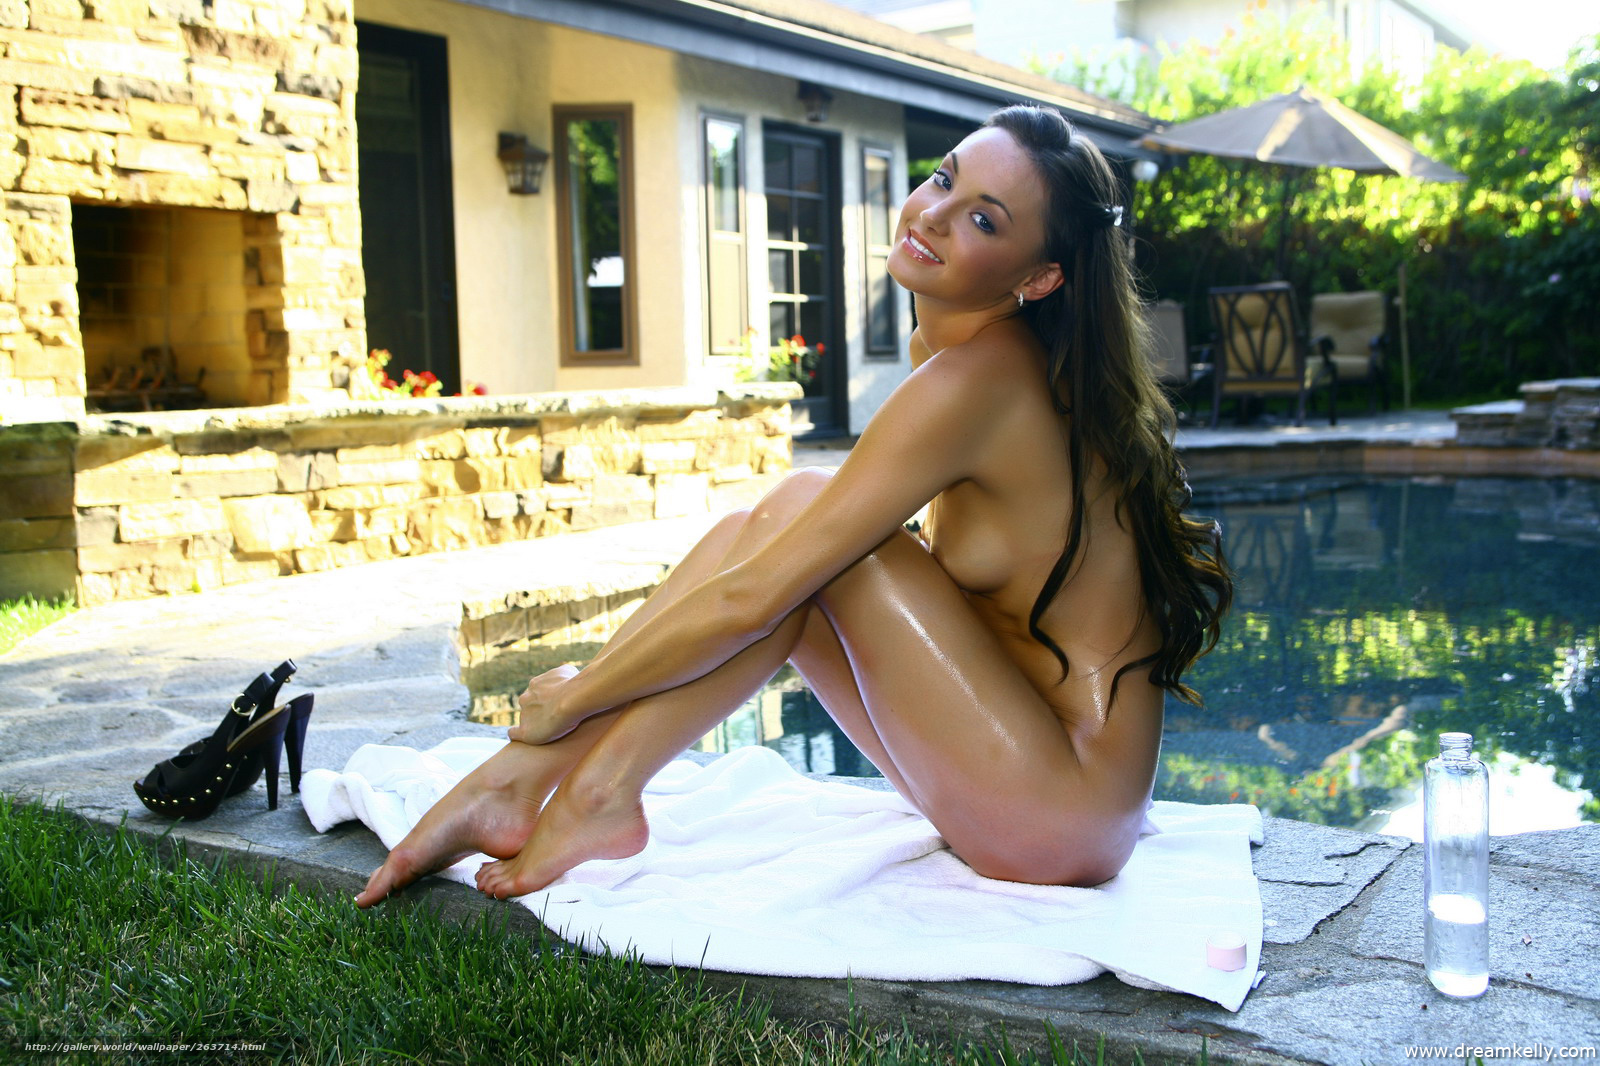 Сексуальная девушка голая 19 фотография